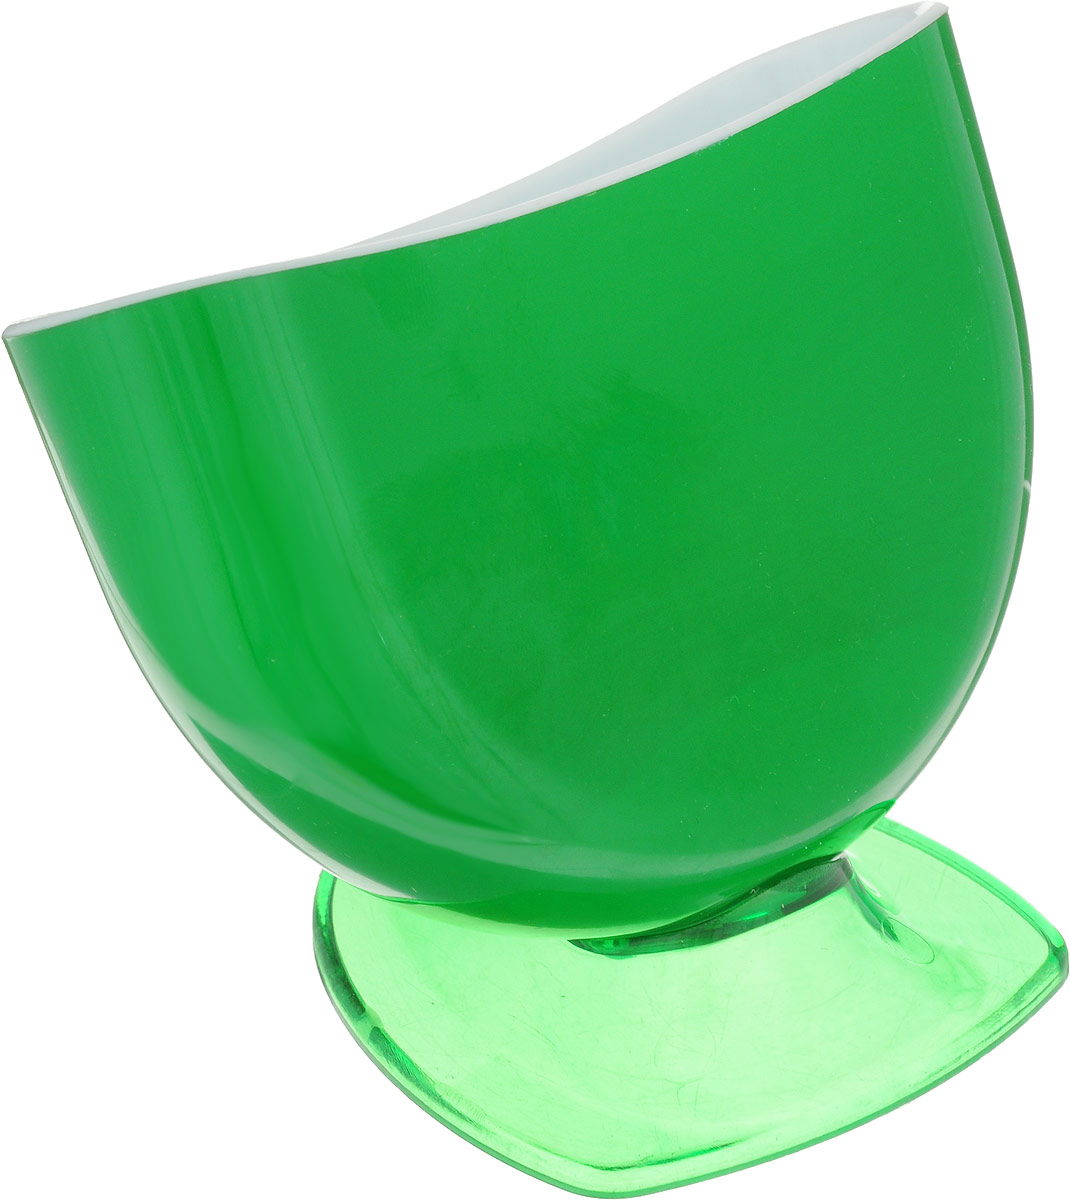 Подставка для губки Libra Plast, цвет: зеленыйLP0037_зеленыйПодставка для губки Libra Plast - это интересное и оригинальное украшение вашей кухни. Она выполнена из пластика.С такой подставкой губка для мытья посуды всегда будет у вас под рукой.Размер подставки (с учетом ножки): 11,5 х 8 х 9 см.